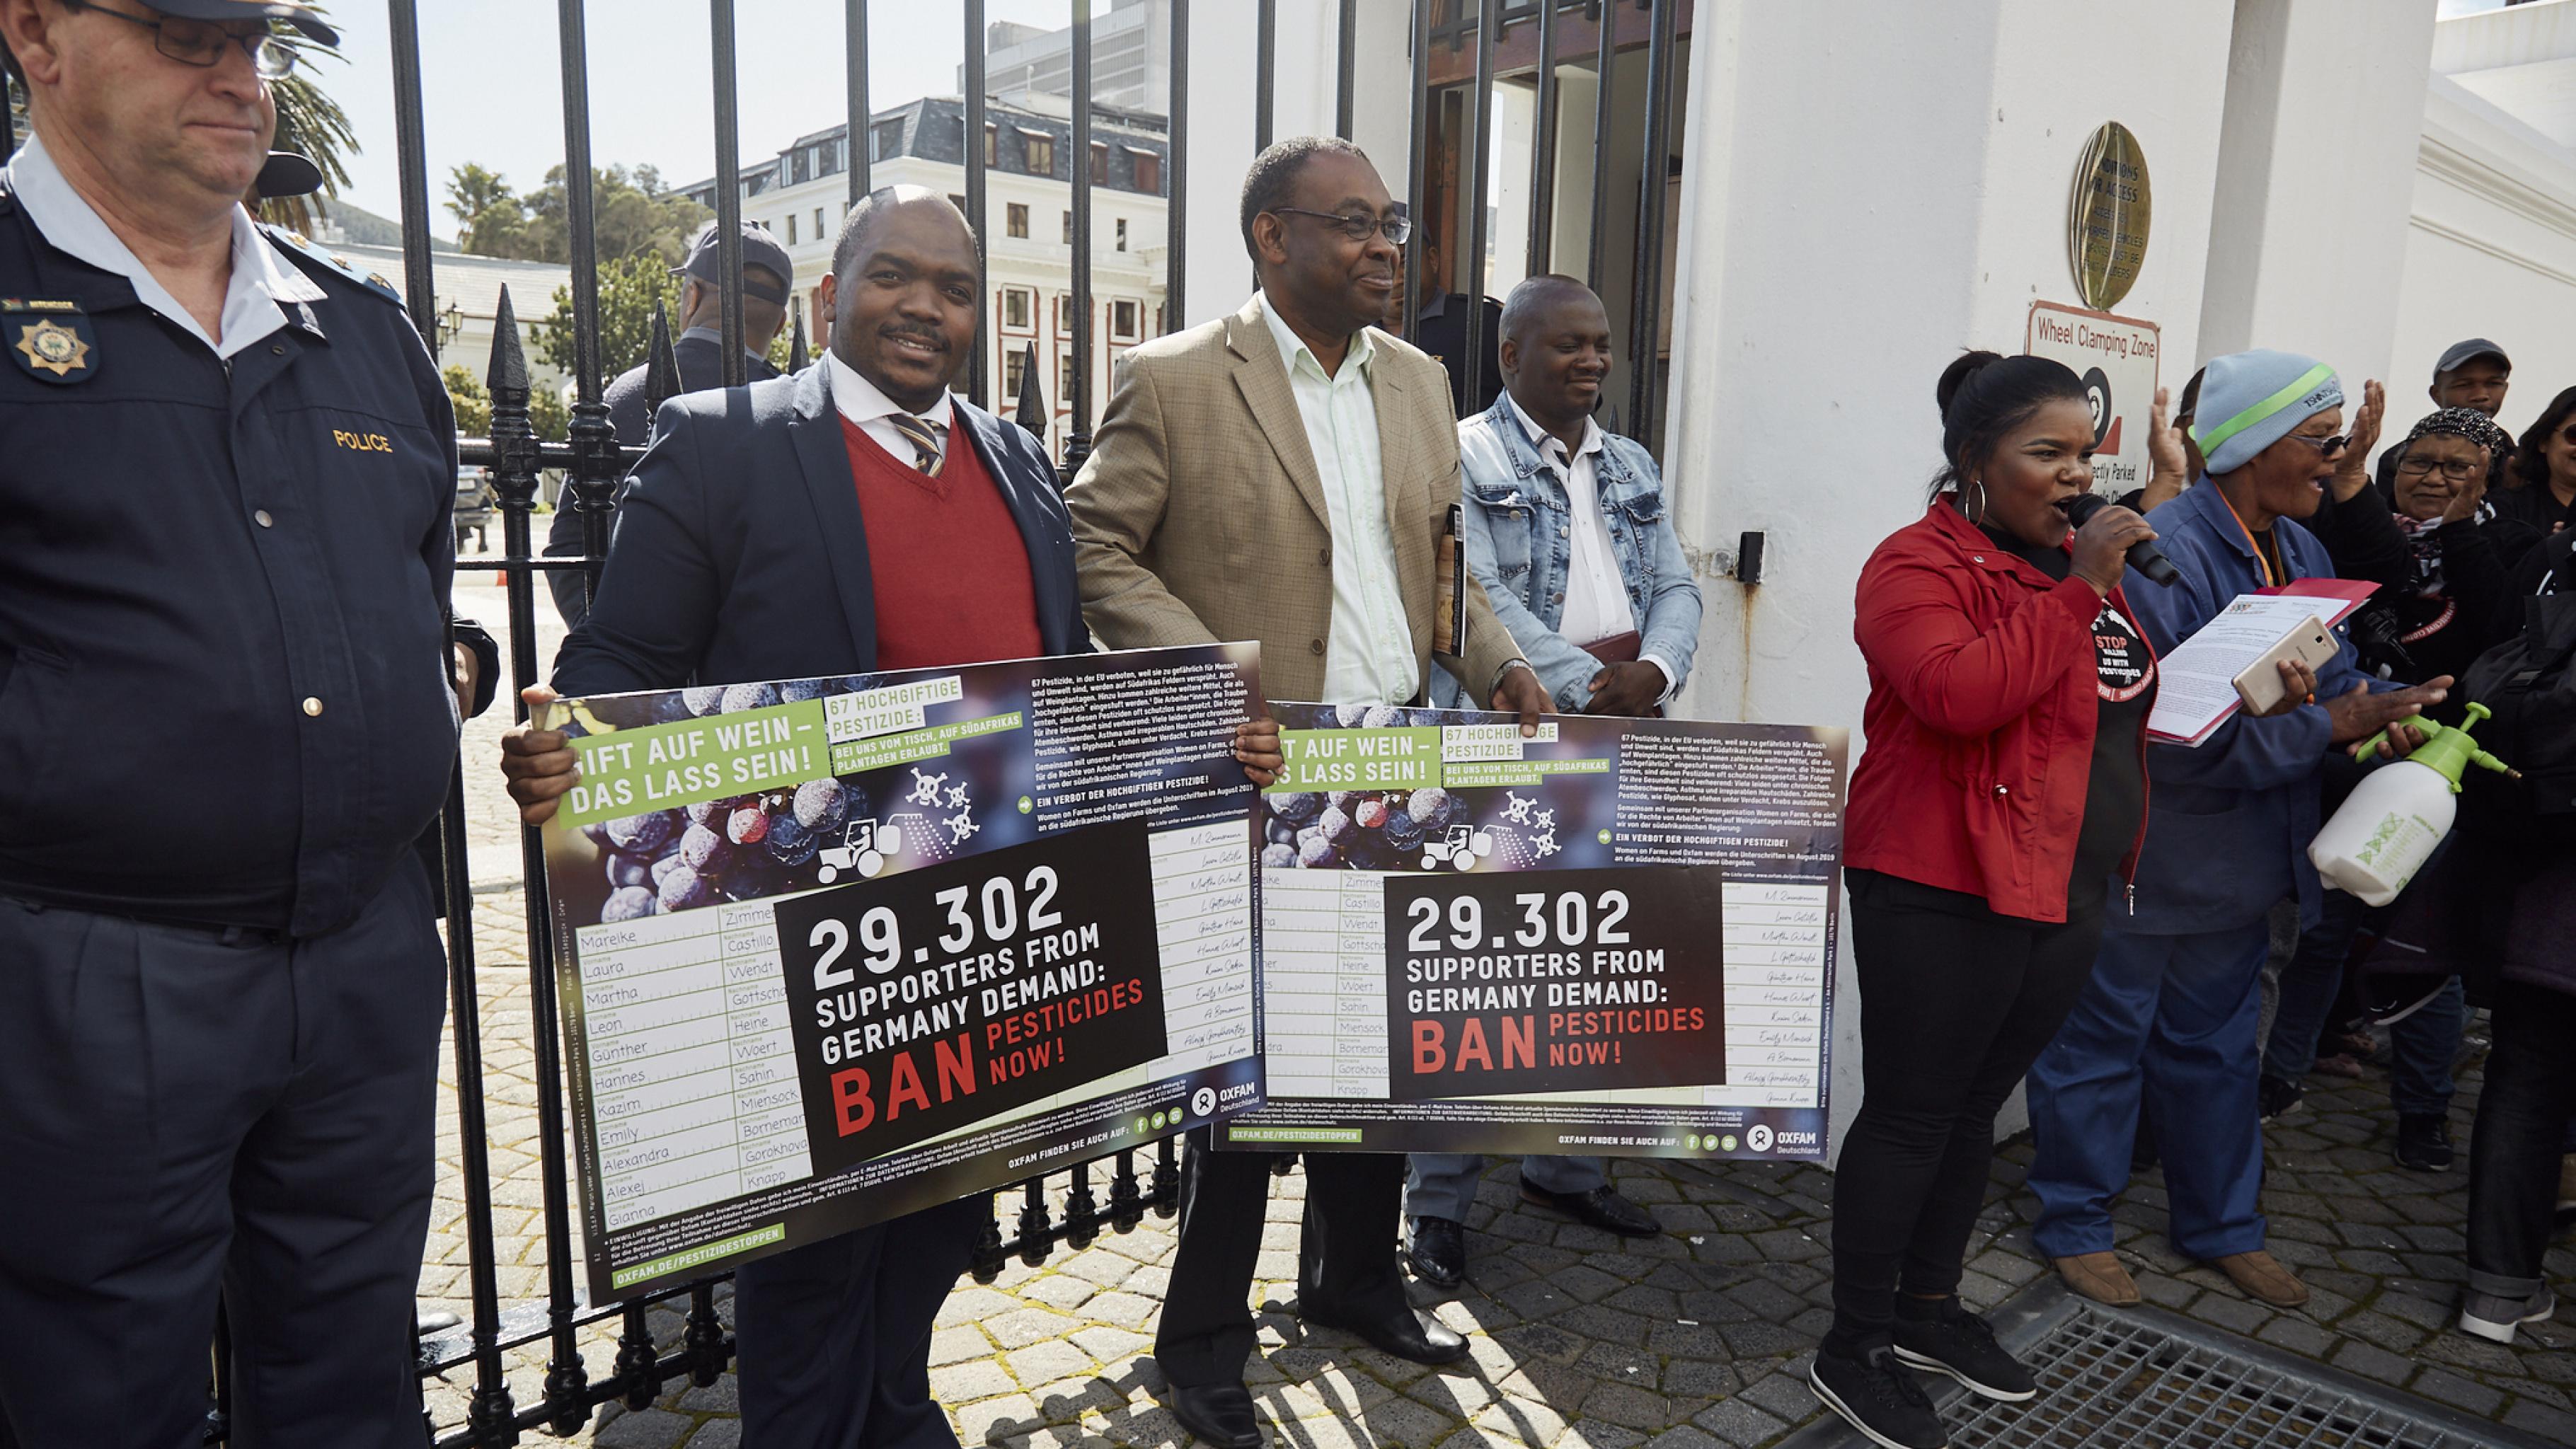 Die Vertreter des Arbeits- und Landwirtschaftsministeriums halten die Unterschriften aus Deutschland in den Händen.